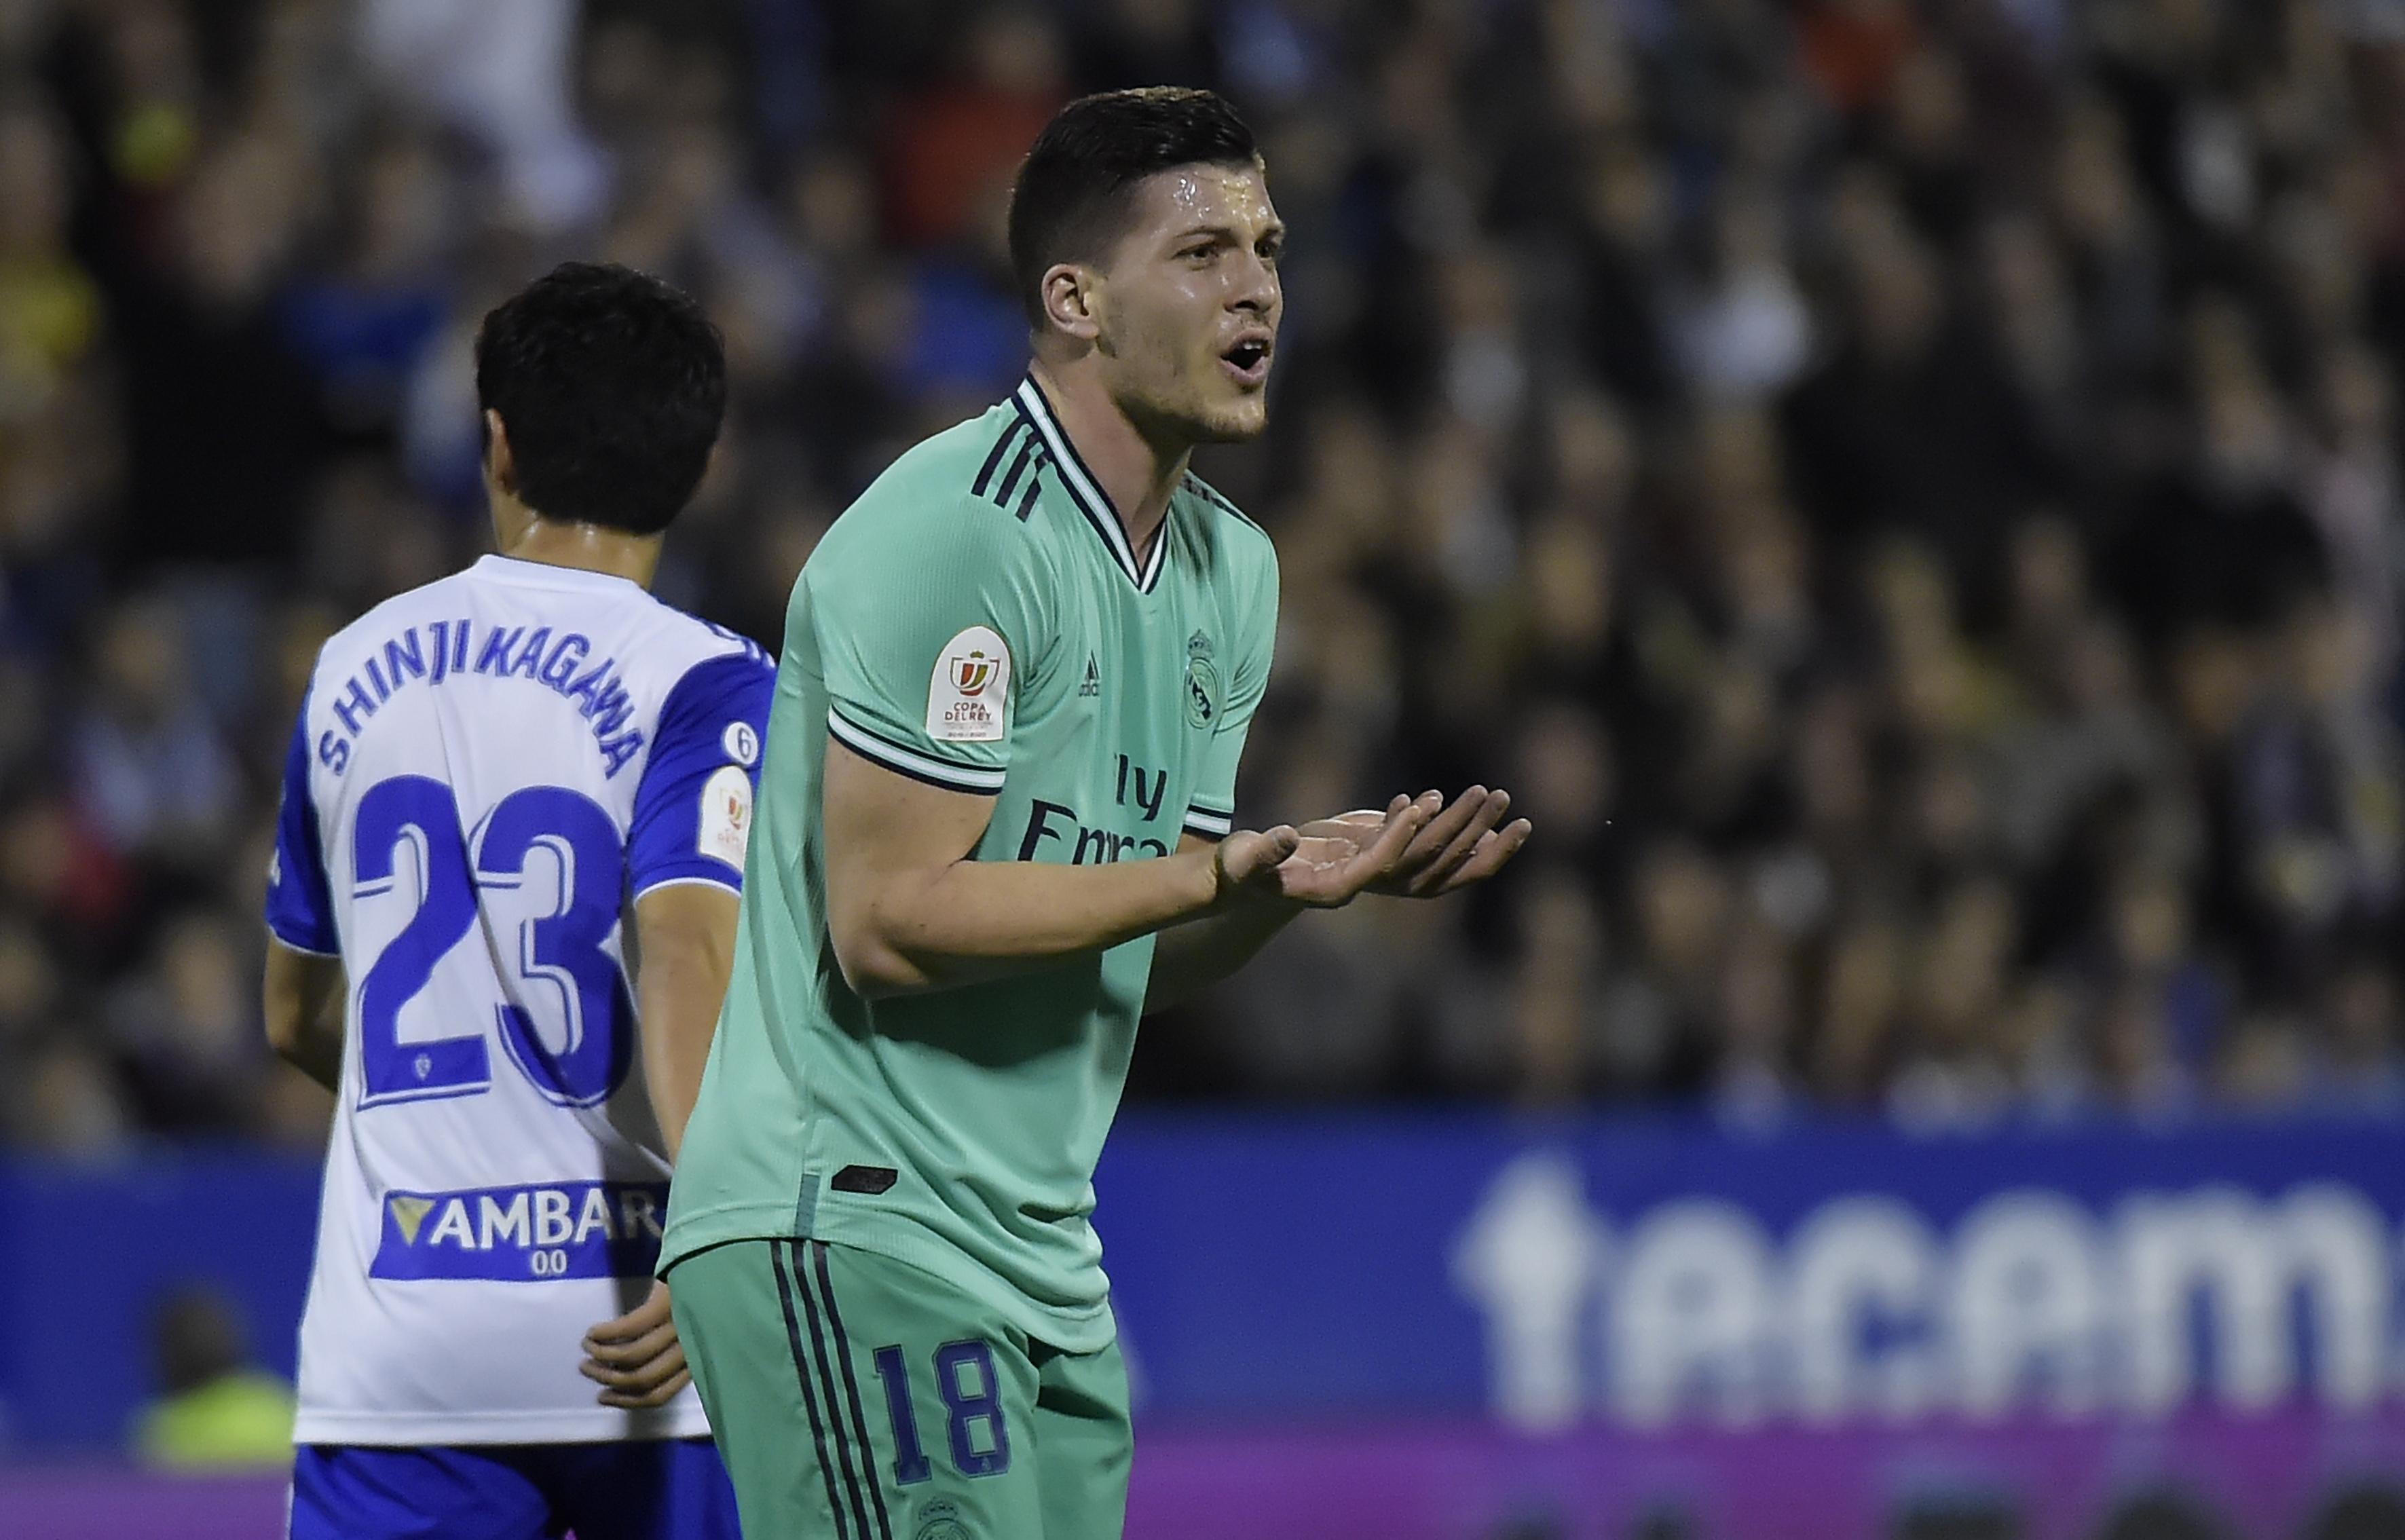 Fél év börtönt is kaphat a Real Madrid játékosa, amiért megszegte a karanténszabályokat